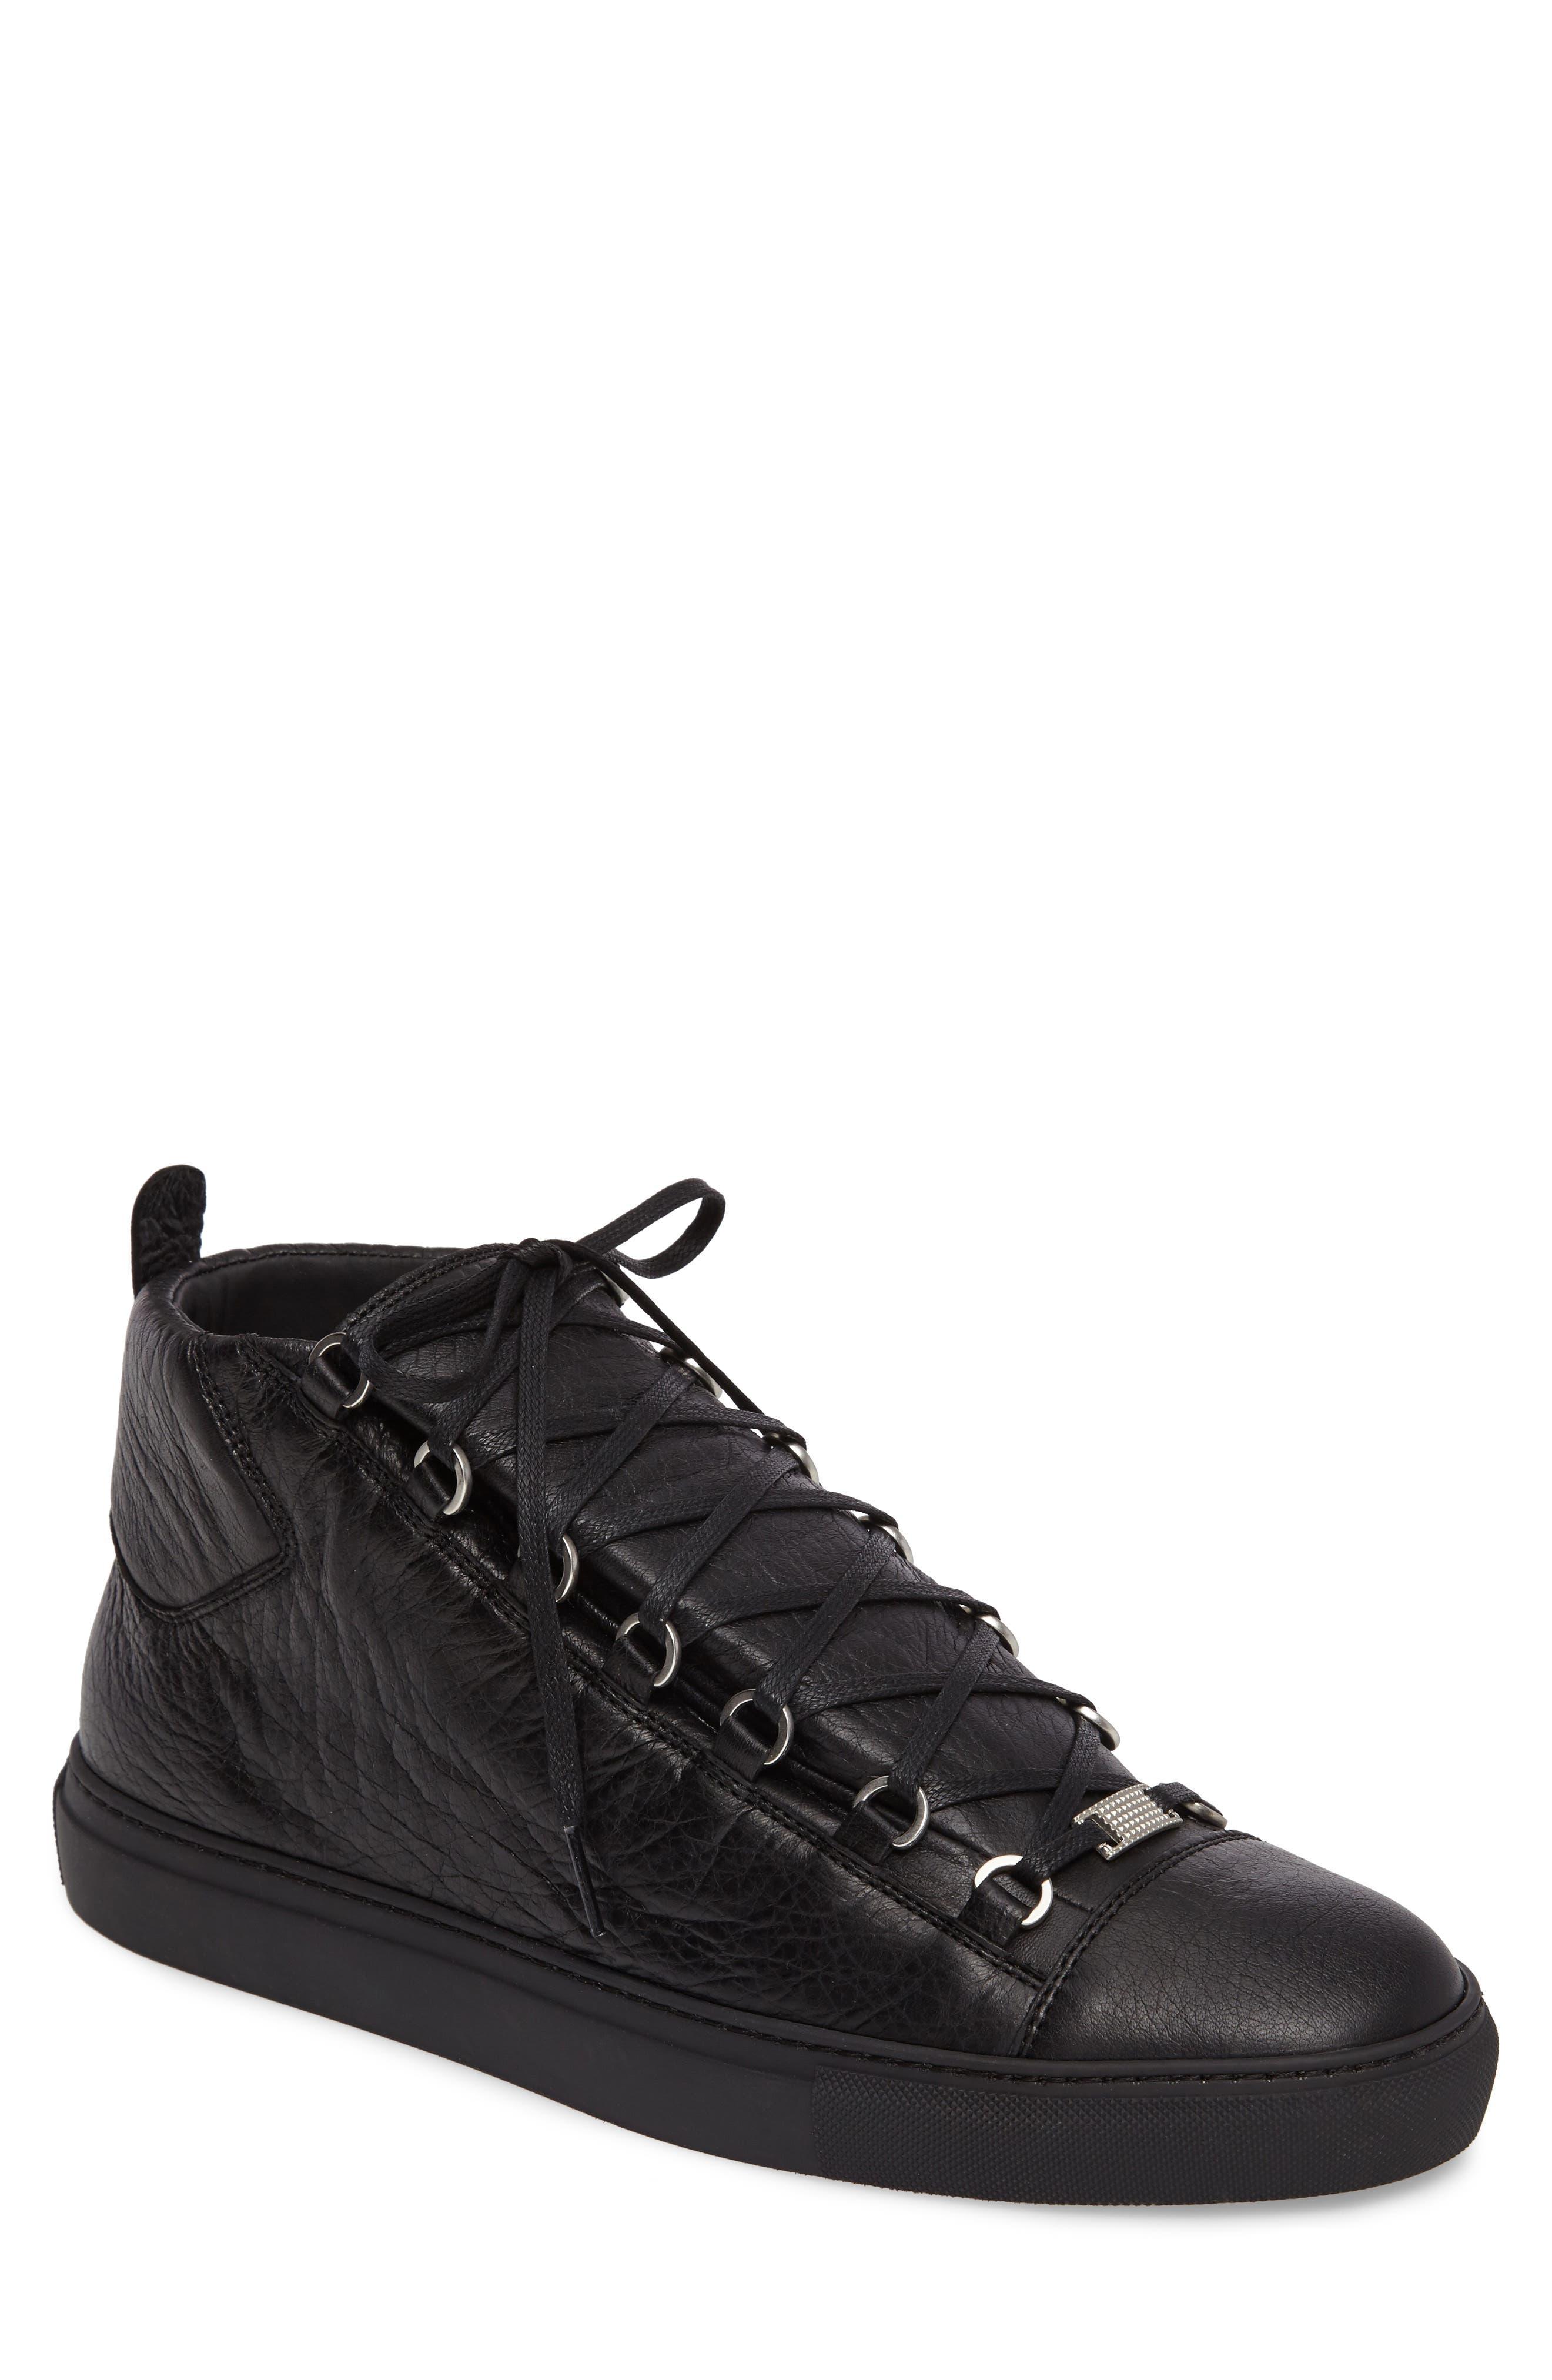 Alternate Image 1 Selected - Balenciaga High Top Sneaker (Men)